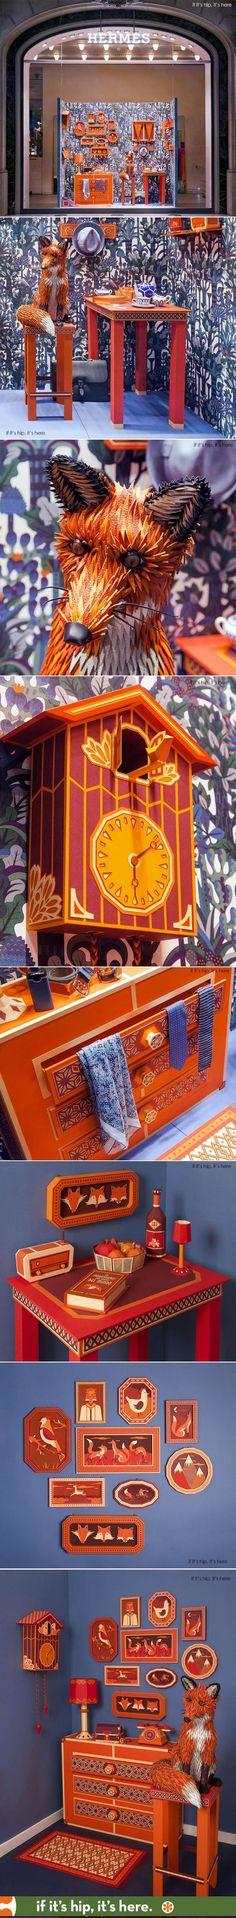 가을분위기 물씬 풍기는 쇼윈도 디자인 : 네이버 블로그